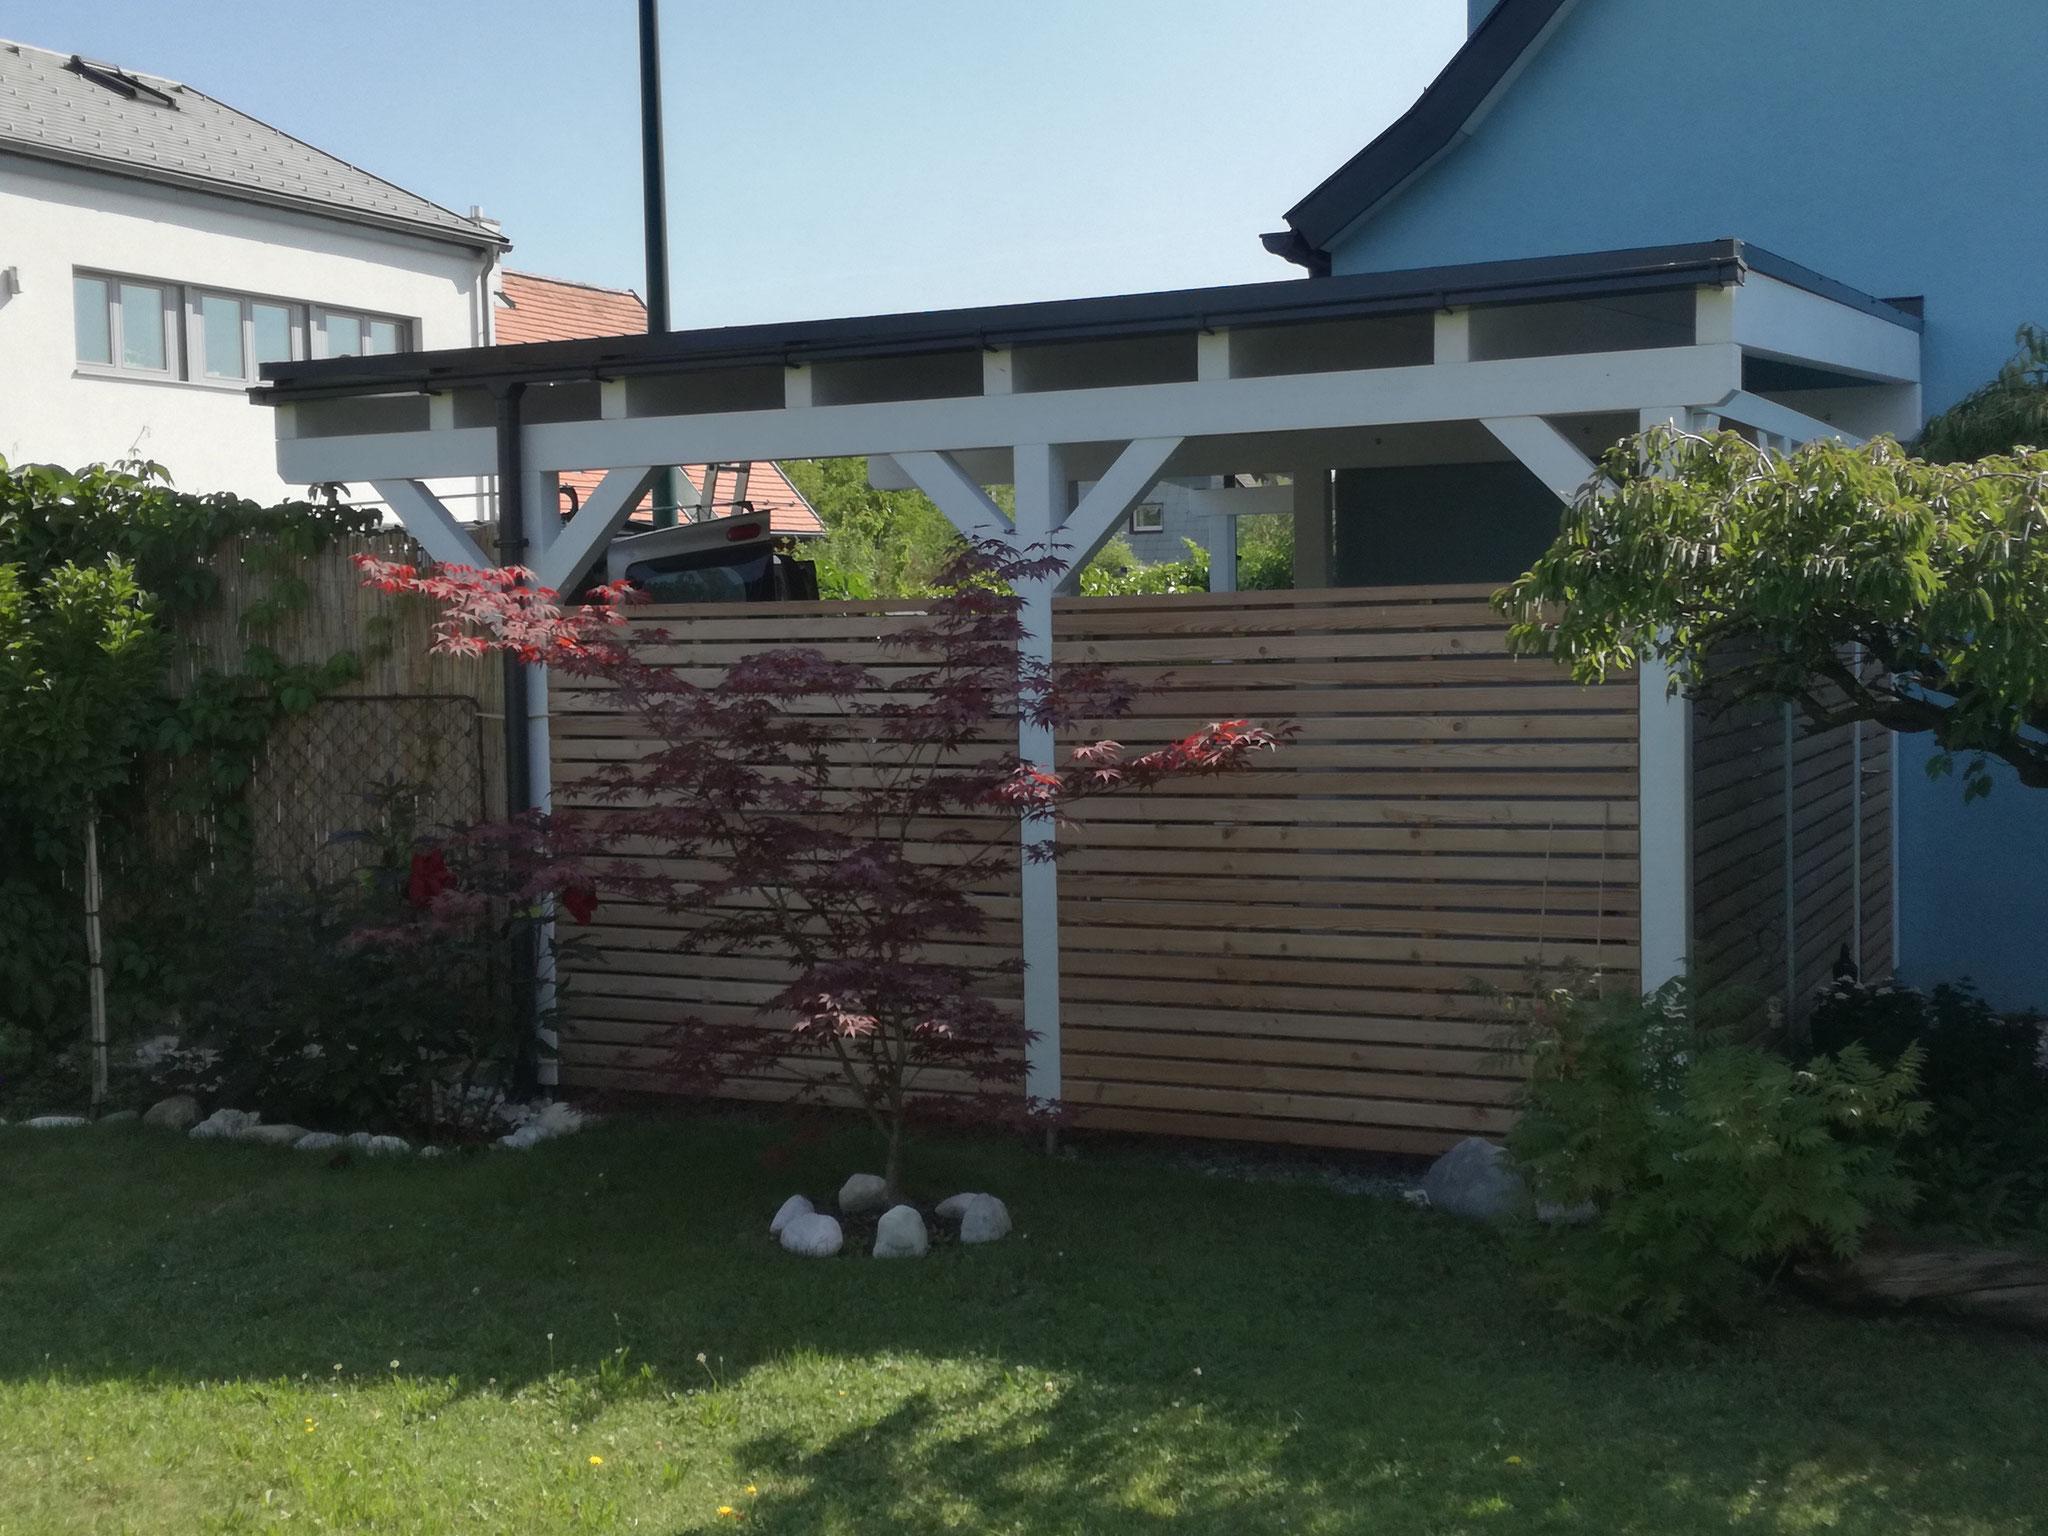 Carport mit Eingangsüberdachung und Sichtschutz. Dacheindeckung mit Resitrix EPDM Folie. Sichtschutz in Lärche mit Rhombus-Profil